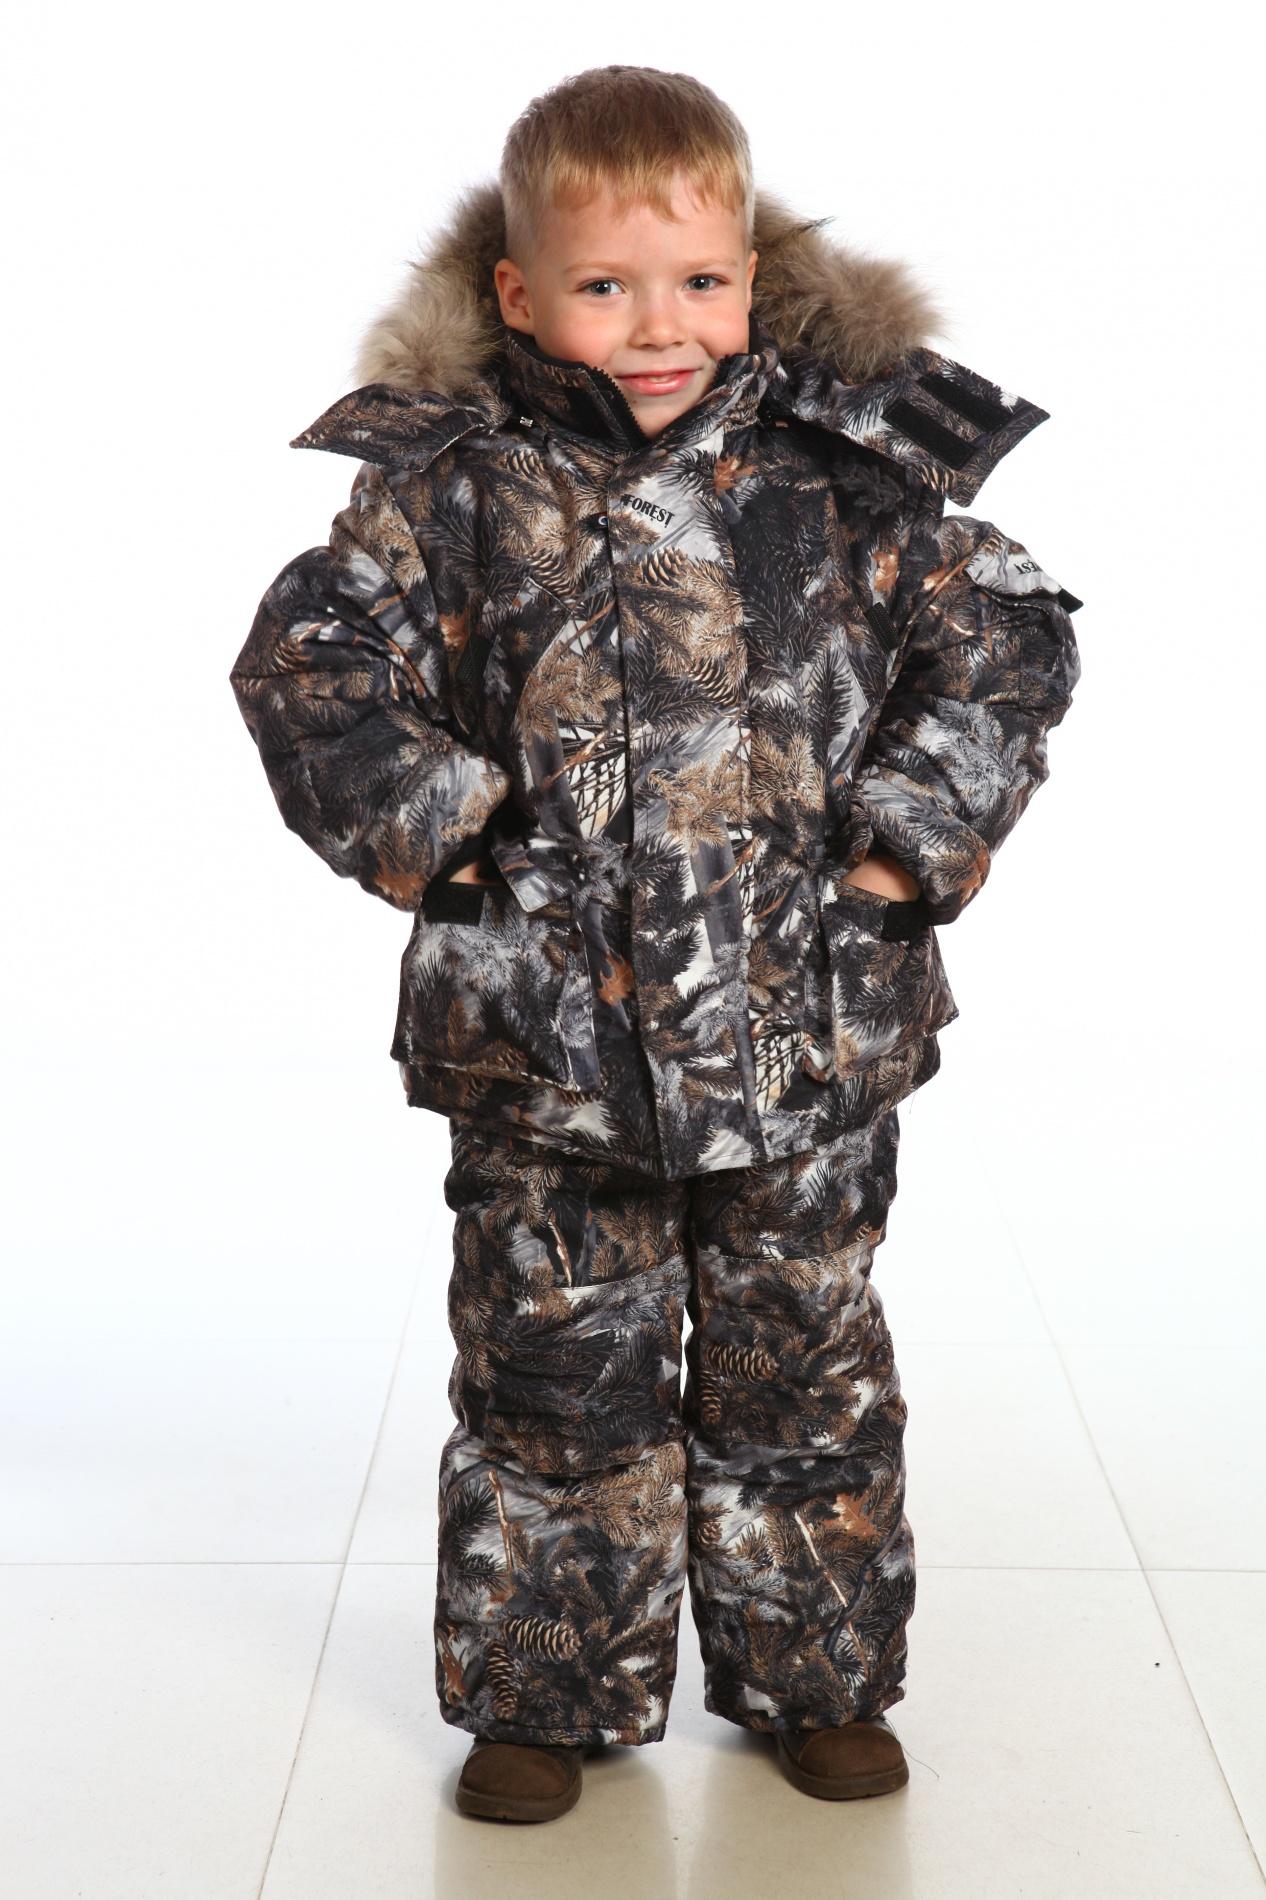 Костюм зимний детский Пингвин (128)Костюмы утепленные<br>Костюм зимний куртка+полукомбинезон - центральная <br>застежка на фронтальную молнию, закрытую <br>ветрозащитной планкой на кнопках; - капюшон <br>пристегивается на молнию, с регулировкой <br>лицевой части по высоте резиновым шнуром; <br>- съемная меховая опушка из натурального <br>меха на кнопках; - регулировка низа куртки <br>резиновым шнуром; - по низу рукавов внутренние <br>манжеты из трикотажного полотна; - центральная <br>застежка полукомбинезона на фронтальную <br>молнию; - наколенники; - усилительные накладки <br>на задних половинках полукомбинезона; - <br>бретели с эластичными вставками и фастексами; <br>- ветрозащитные юбки по низу полукомбинезона; <br>- количество карманов - 8. Ткань верха: Микрофибра <br>Утеплитель: куртка — синтепон 400 гр/м2, п/к <br>– 200 гр/м2 Подкладка: Таффета Отделка: натуральных <br>мех Водонепроницаемость: 1000 мм Паропроницаемость: <br>1000 г/м2/24 часа Температурный режим: от -10 <br>до -25°С<br><br>Рост: 128<br>Сезон: зима<br>Цвет: камуфляжный<br>Материал: Микрофибра